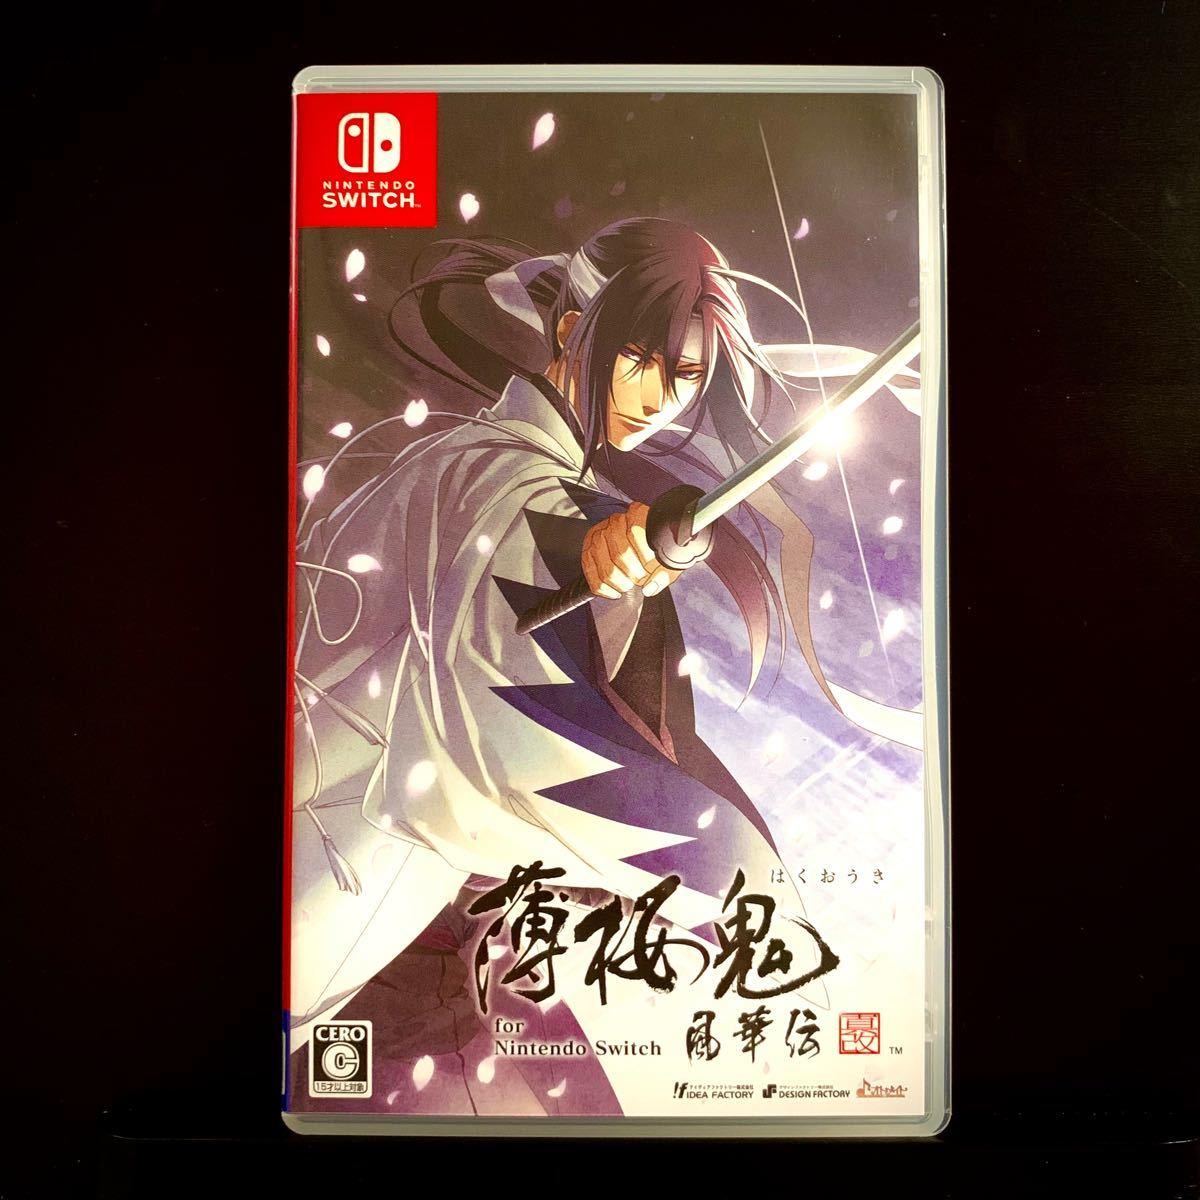 【Switch】 薄桜鬼 真改 風華伝 for Nintendo Switch [通常版] 新品・未開封